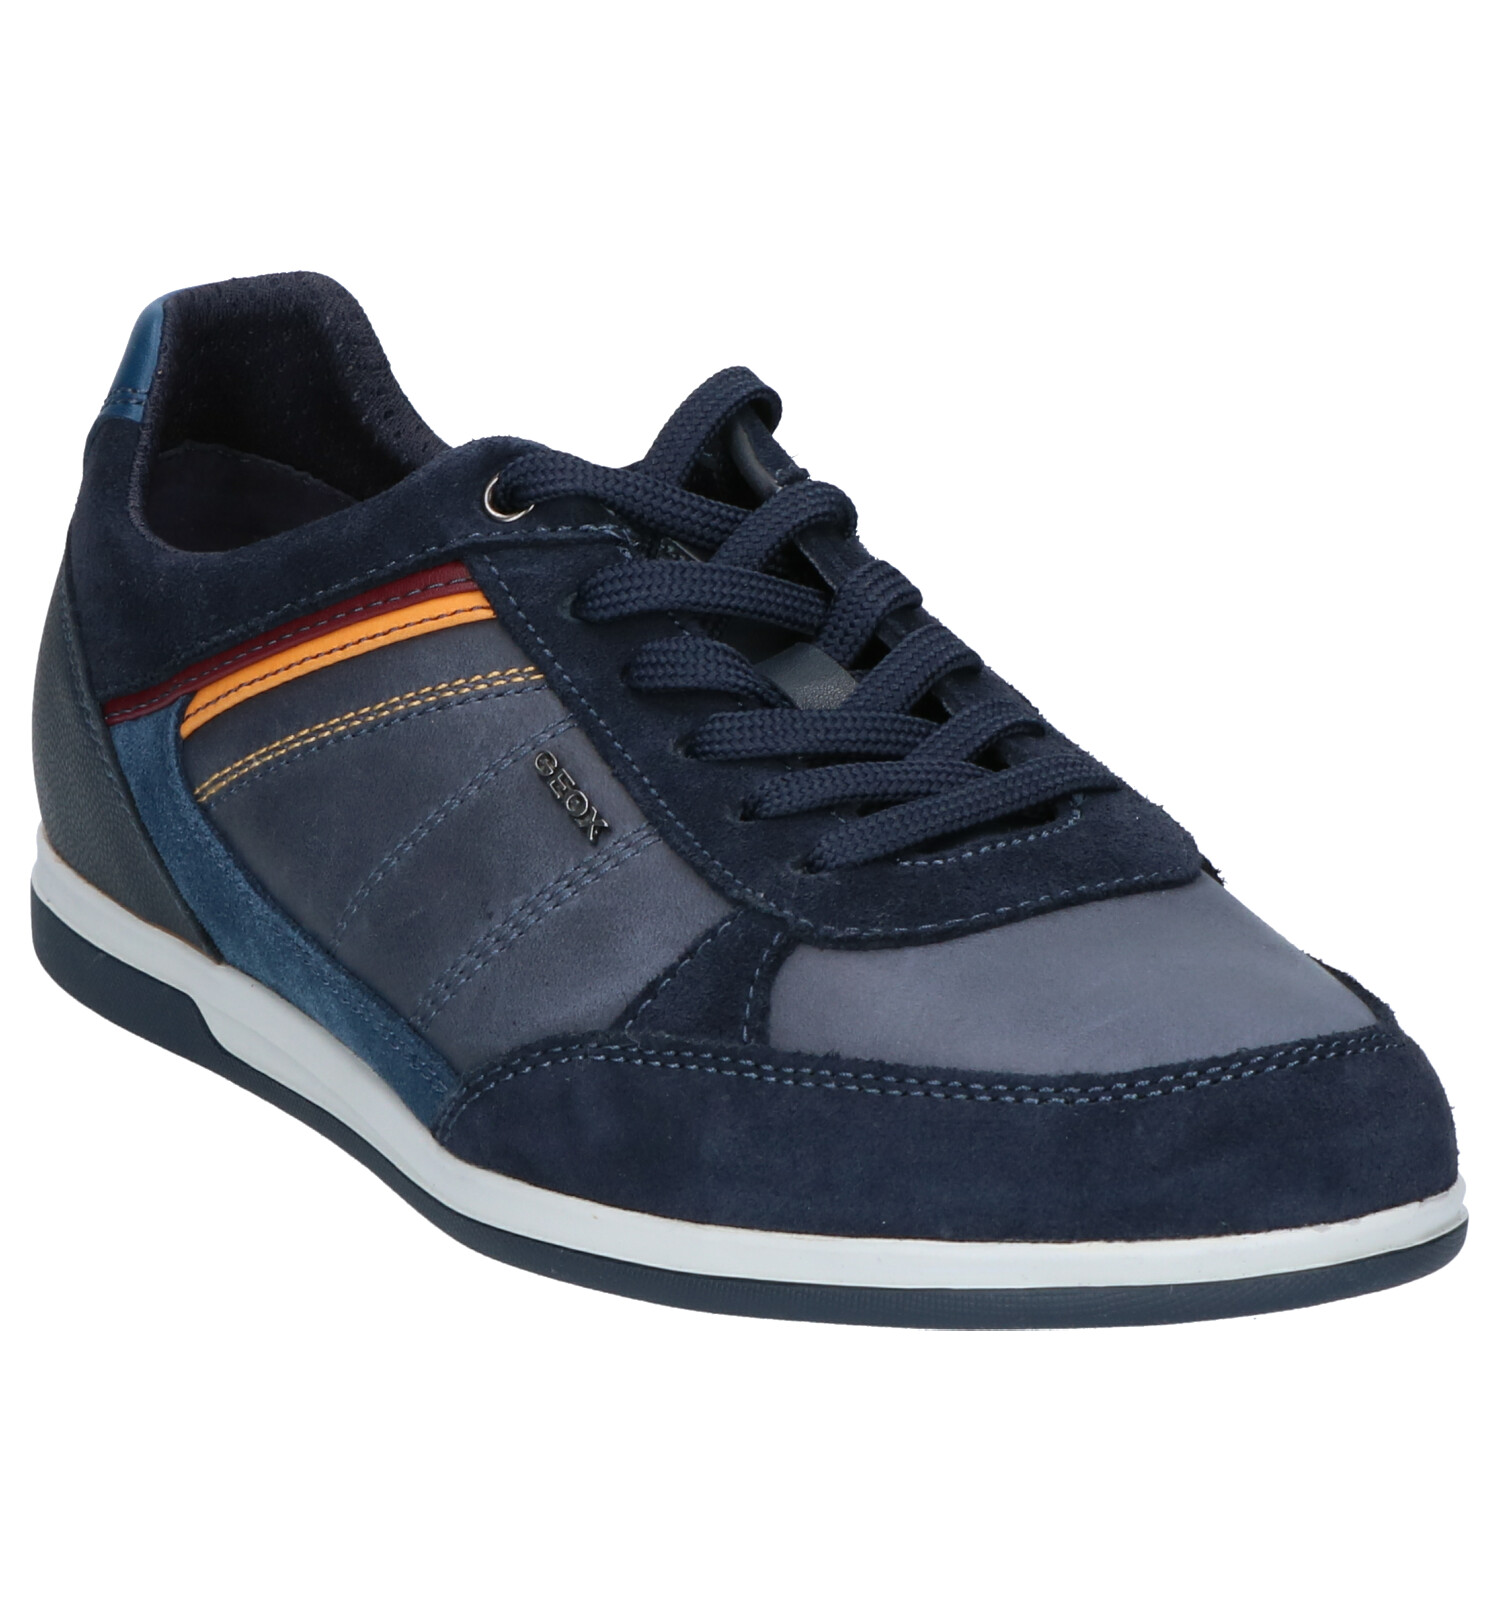 Geox En Basses Bleu Renan Chaussures UpzSMV